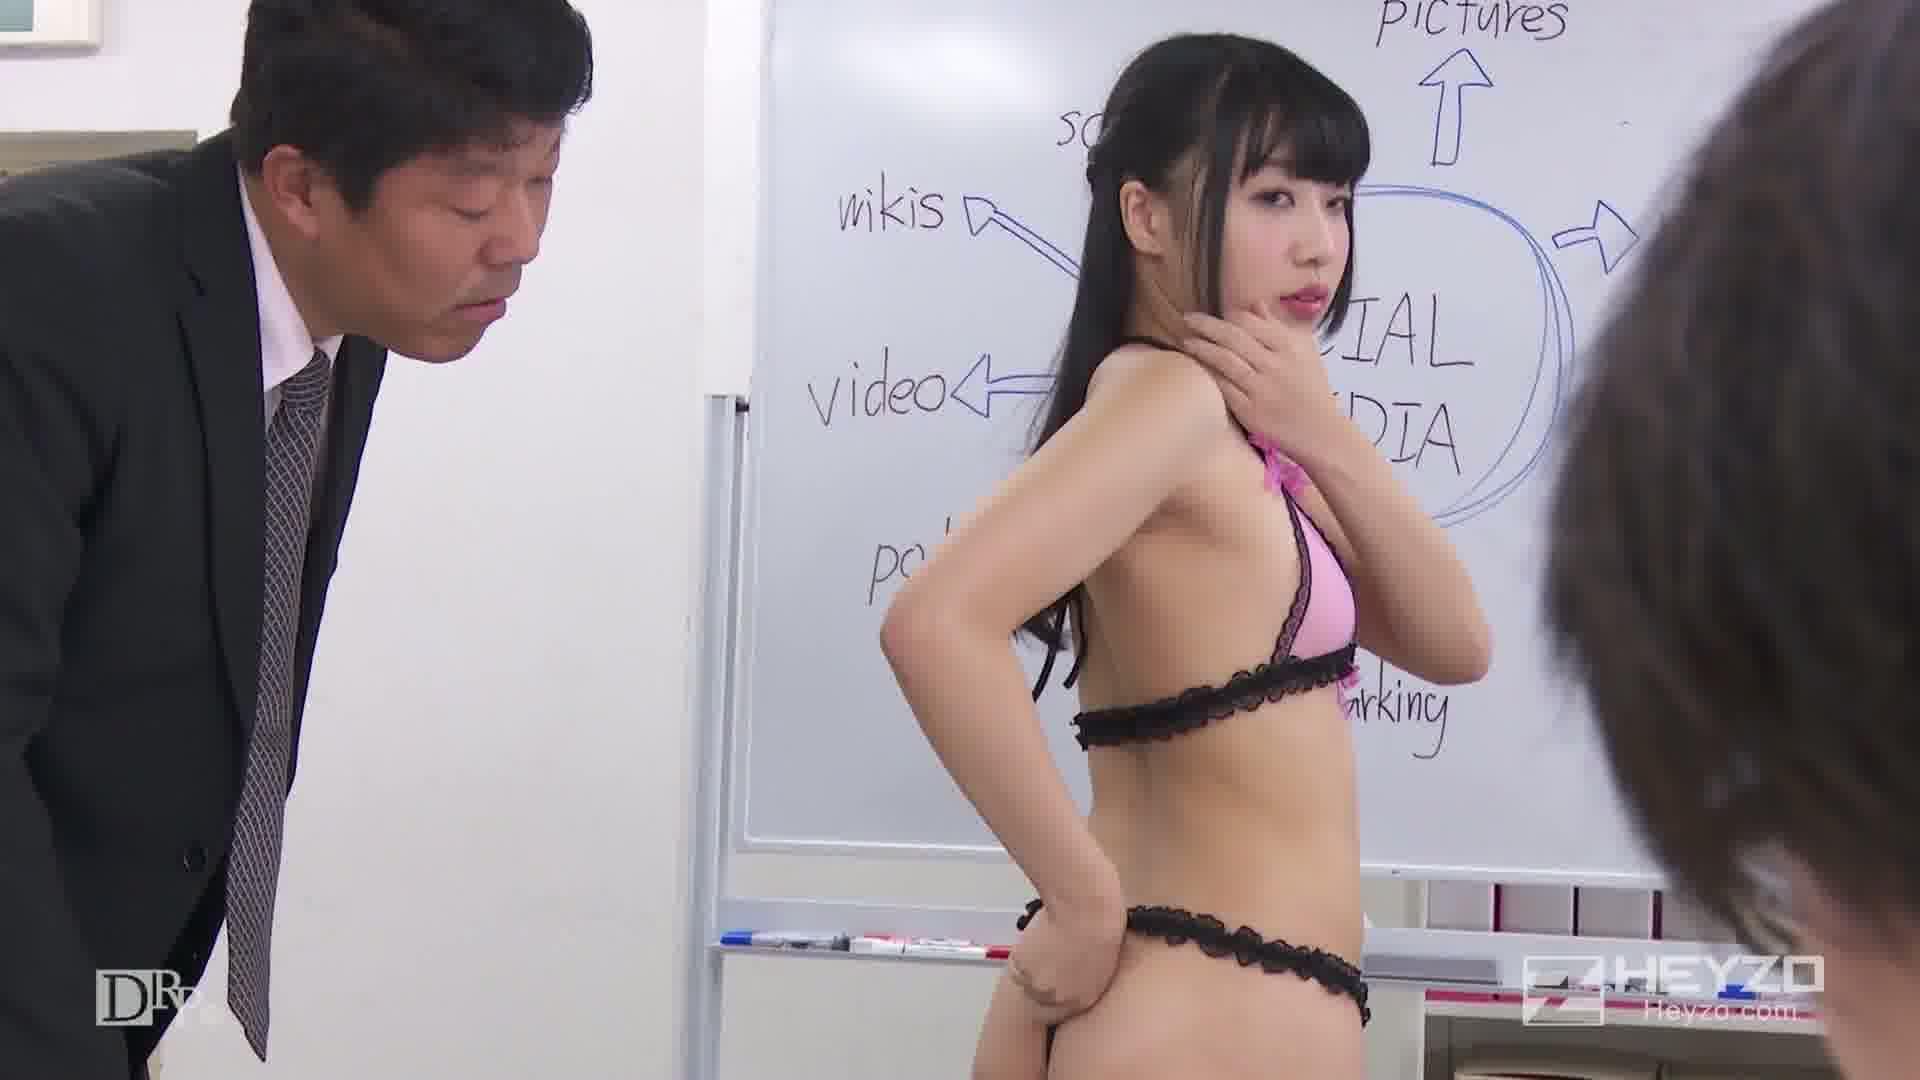 私、正社員になるために性社員になりました 後編 - 綾瀬ゆい【プレゼン 指マン】